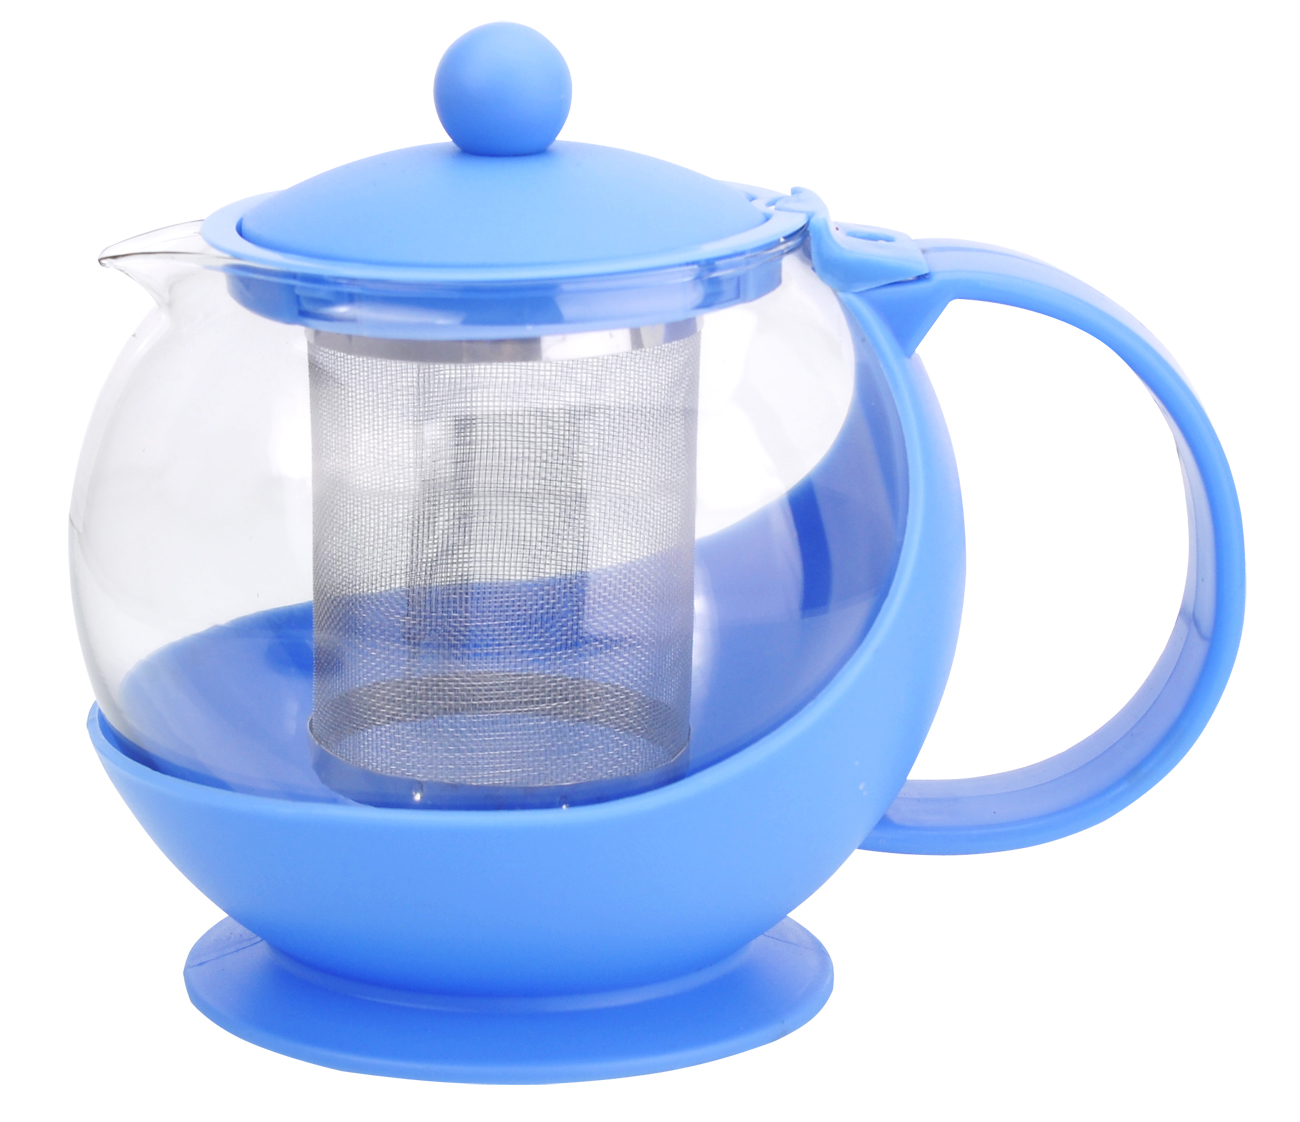 Чайник заварочный МФК-профит, с фильтром, цвет: голубой, 750 мл68/5/3Заварочный чайник МФК-профит предоставит вам все необходимые возможности для успешного заваривания чая. Он изготовлен из термостойкого стекла и оснащен крышкой и ручкой из пластика, также имеется вставка из нержавеющей стали. Чай в таком чайнике дольше остается горячим, а полезные и ароматические вещества полностью сохраняются в напитке. Чайник оснащен фильтром, который выполнен из нержавеющей стали. Простой и удобный чайник поможет вам приготовить крепкий, ароматный чай. Нельзя мыть в посудомоечной машине. Не использовать в микроволновой печи.